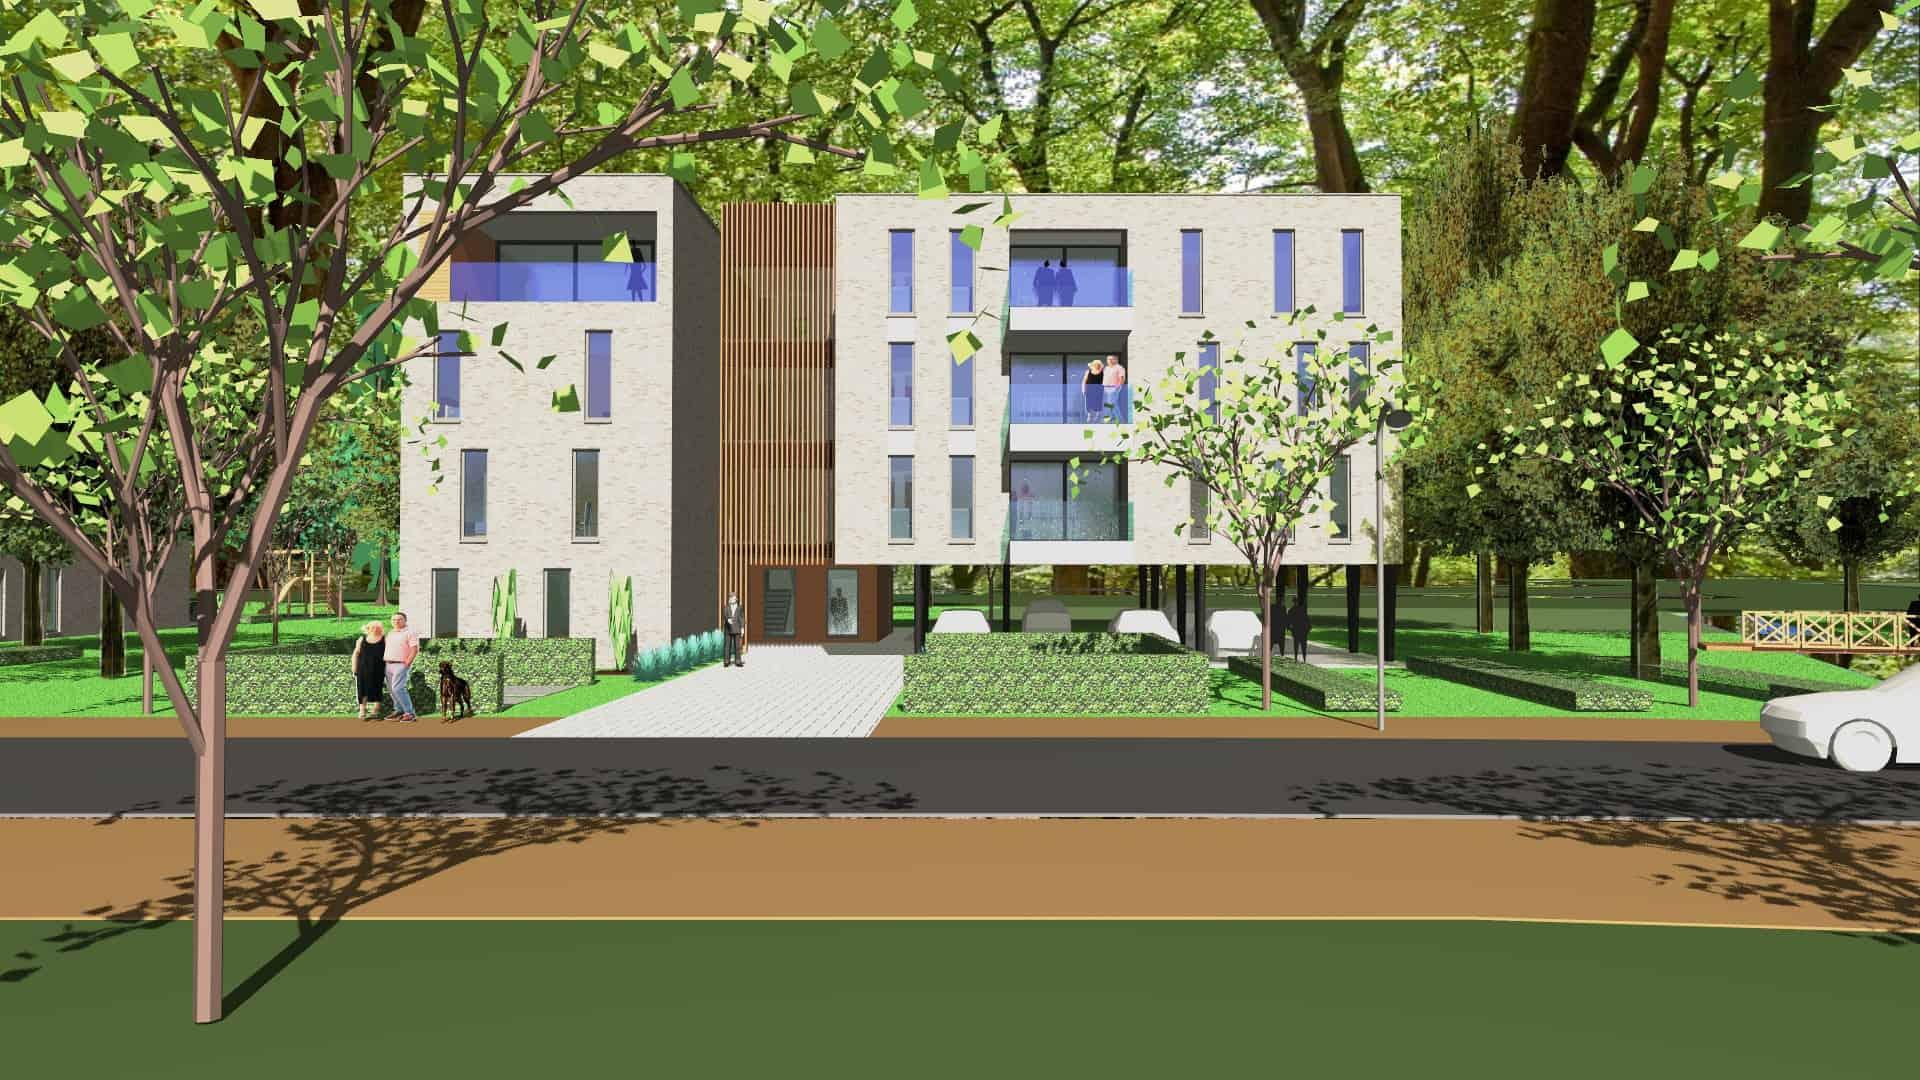 Detail afbeelding 6 van VO – BE   –   48 Appartementen tussen de bomen   –   Zonhoven | Ontwerp door architect Patrick Strackx